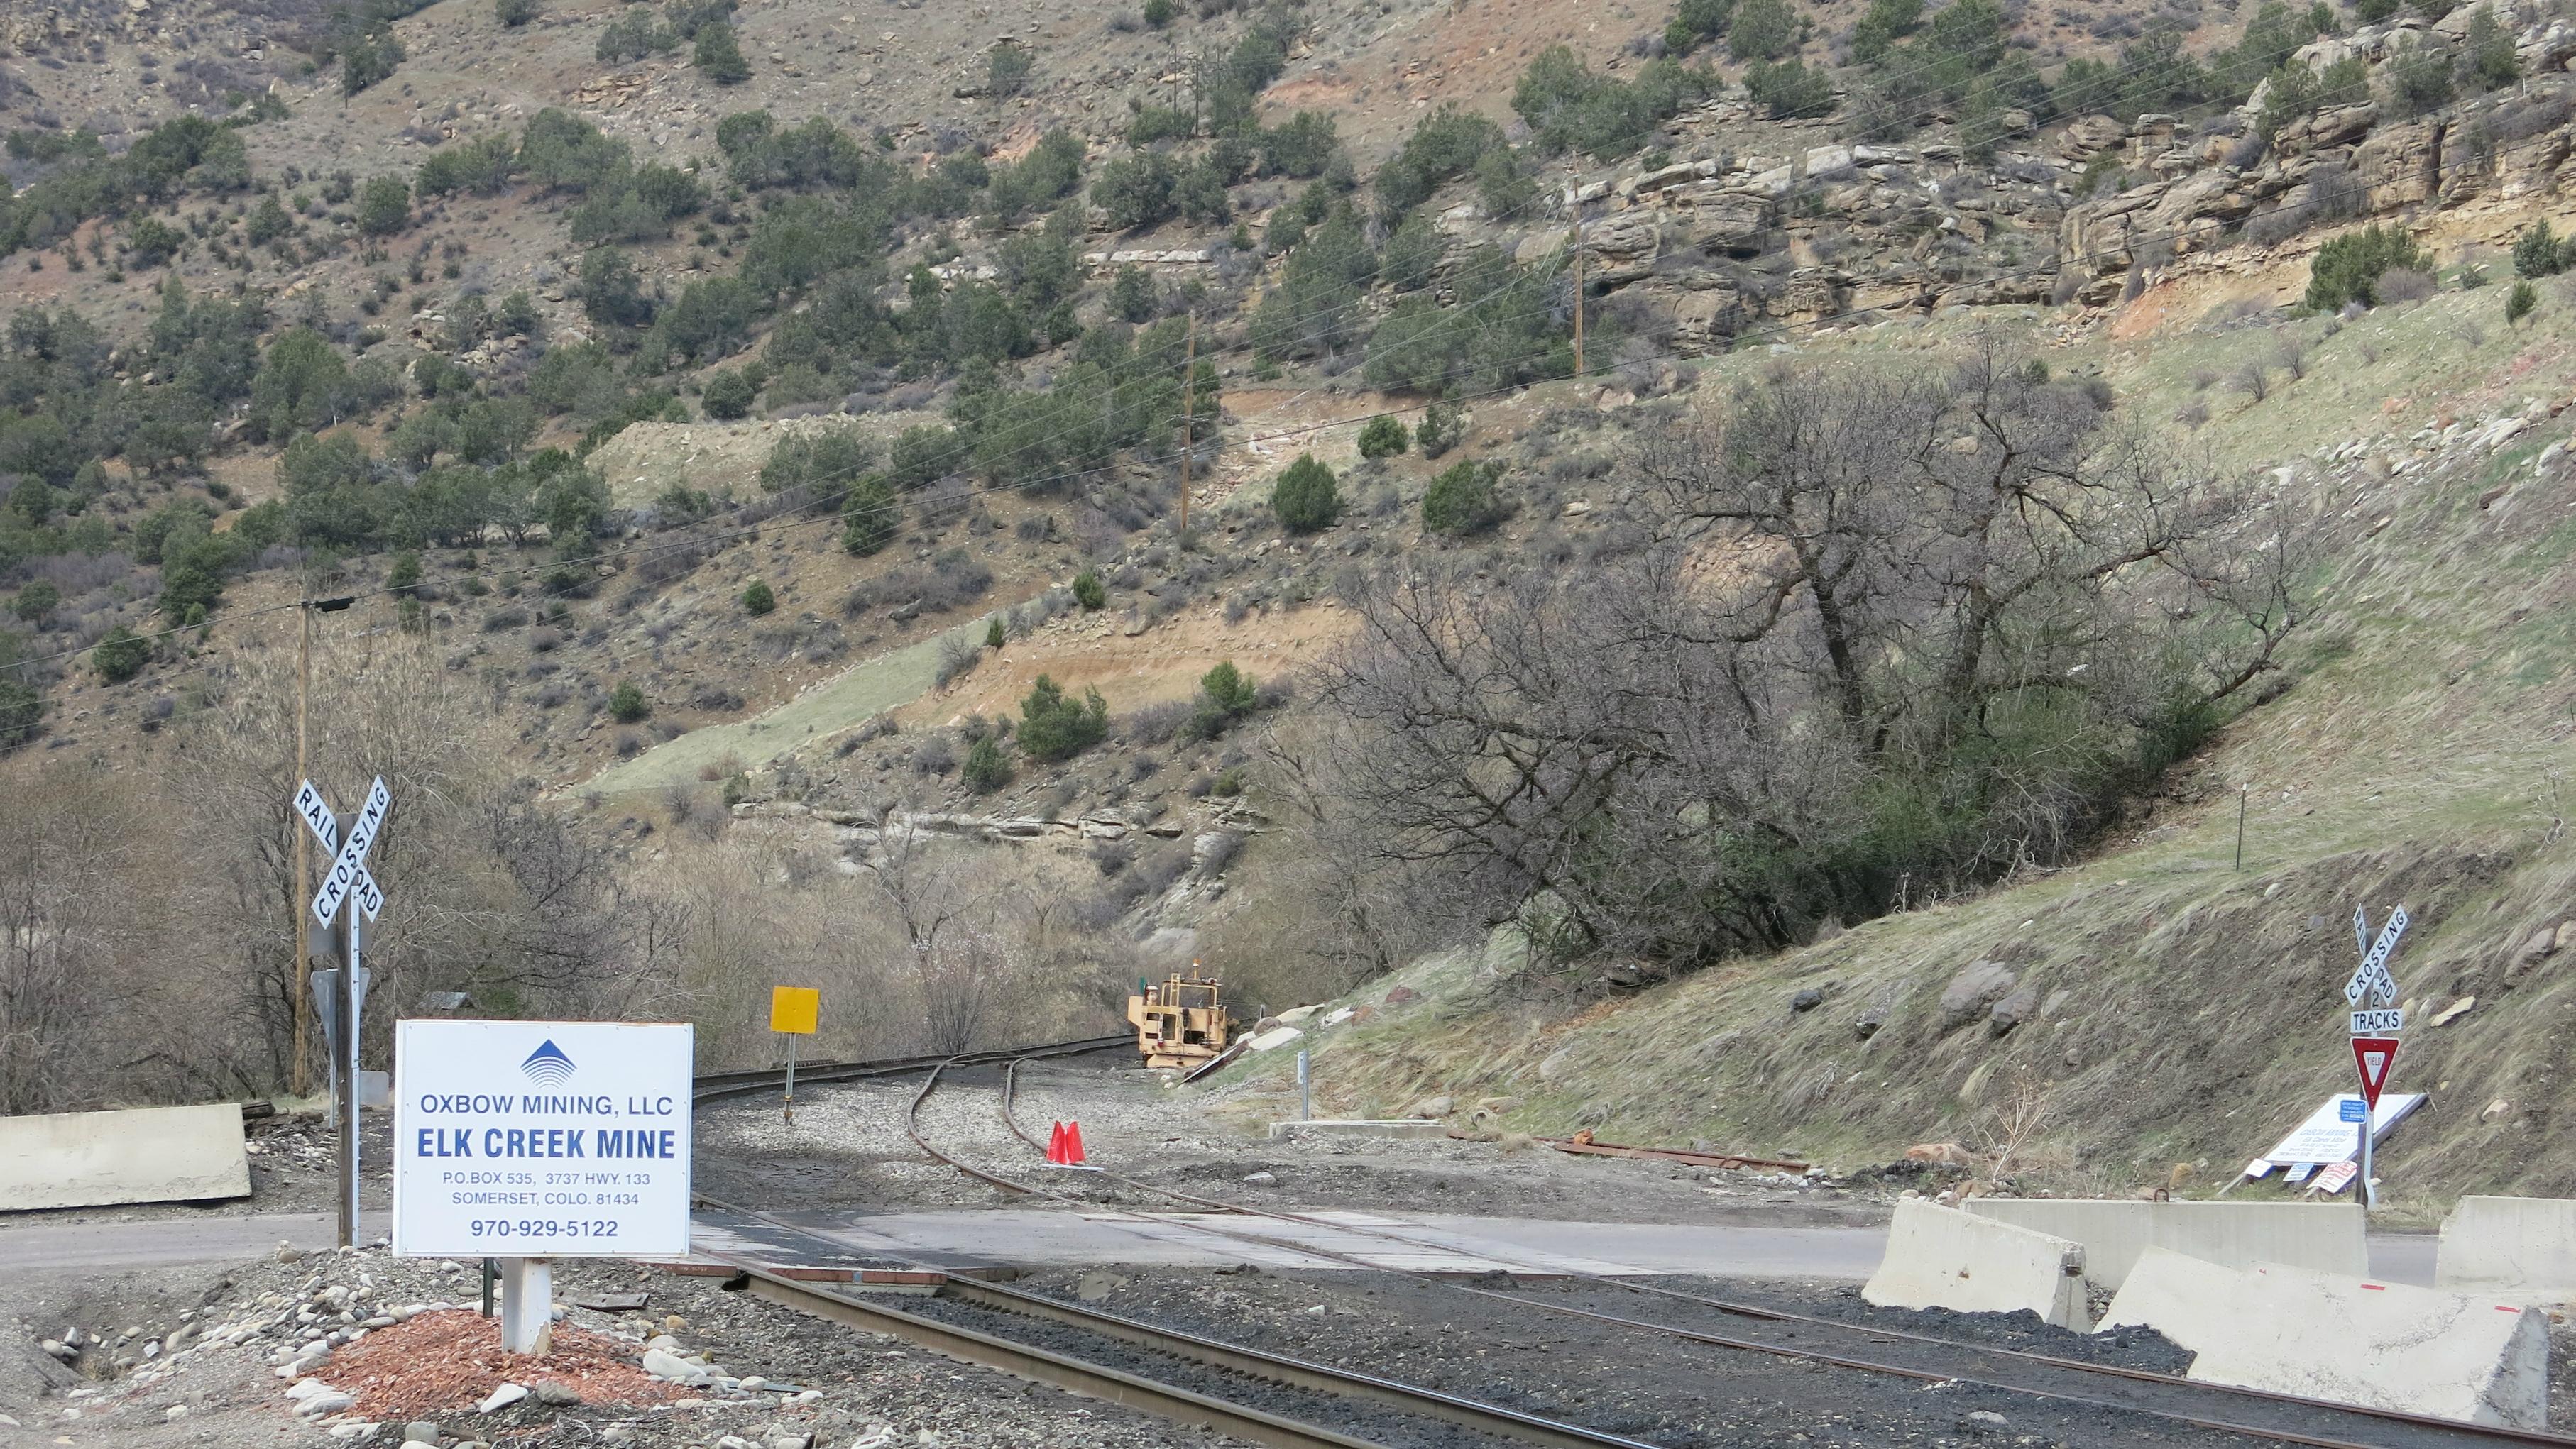 Photo: Elk Creek Mine Oxbow coal mine